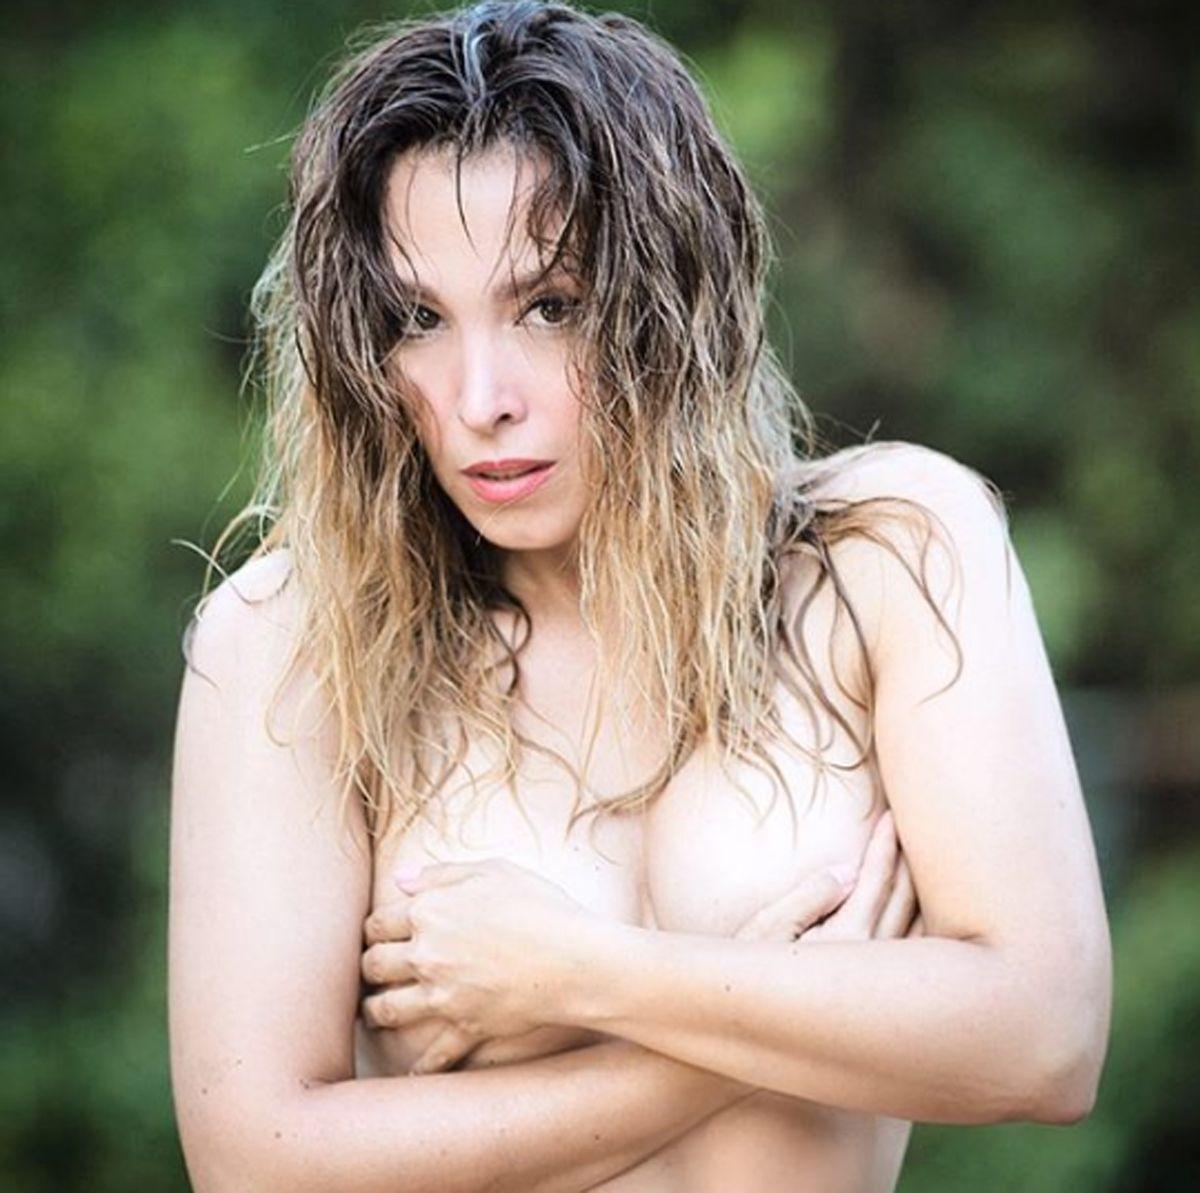 Andrea Duro Descuido gisela comparte una foto desnuda e incendia instagram